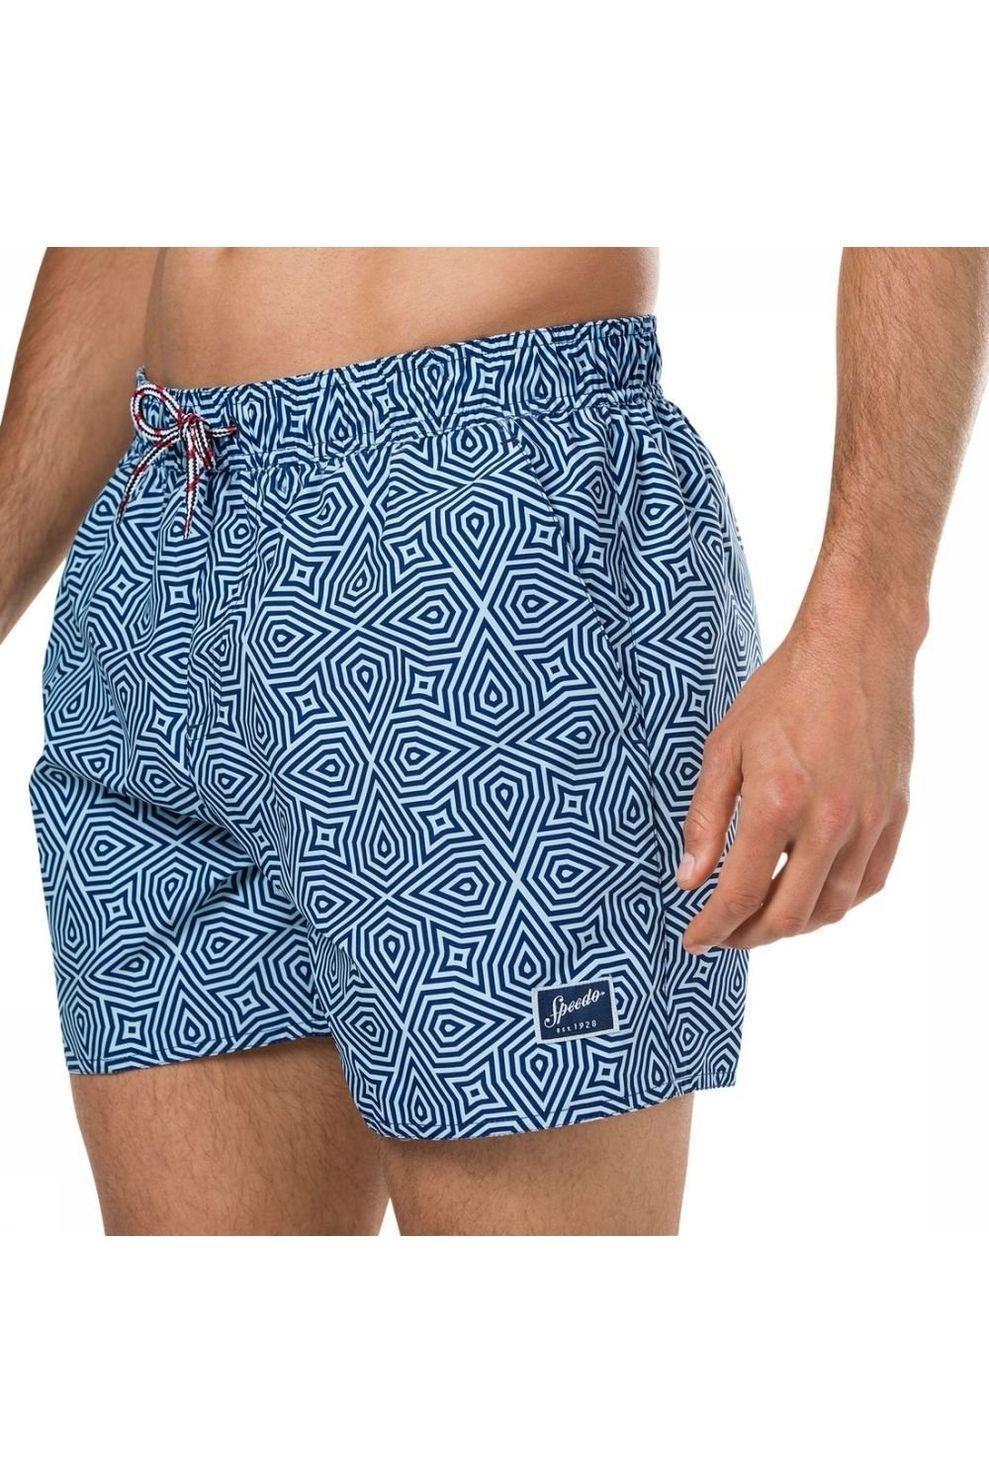 Speedo Zwemshort Vintage Printed 14Inch voor heren - Blauw - Maat: S